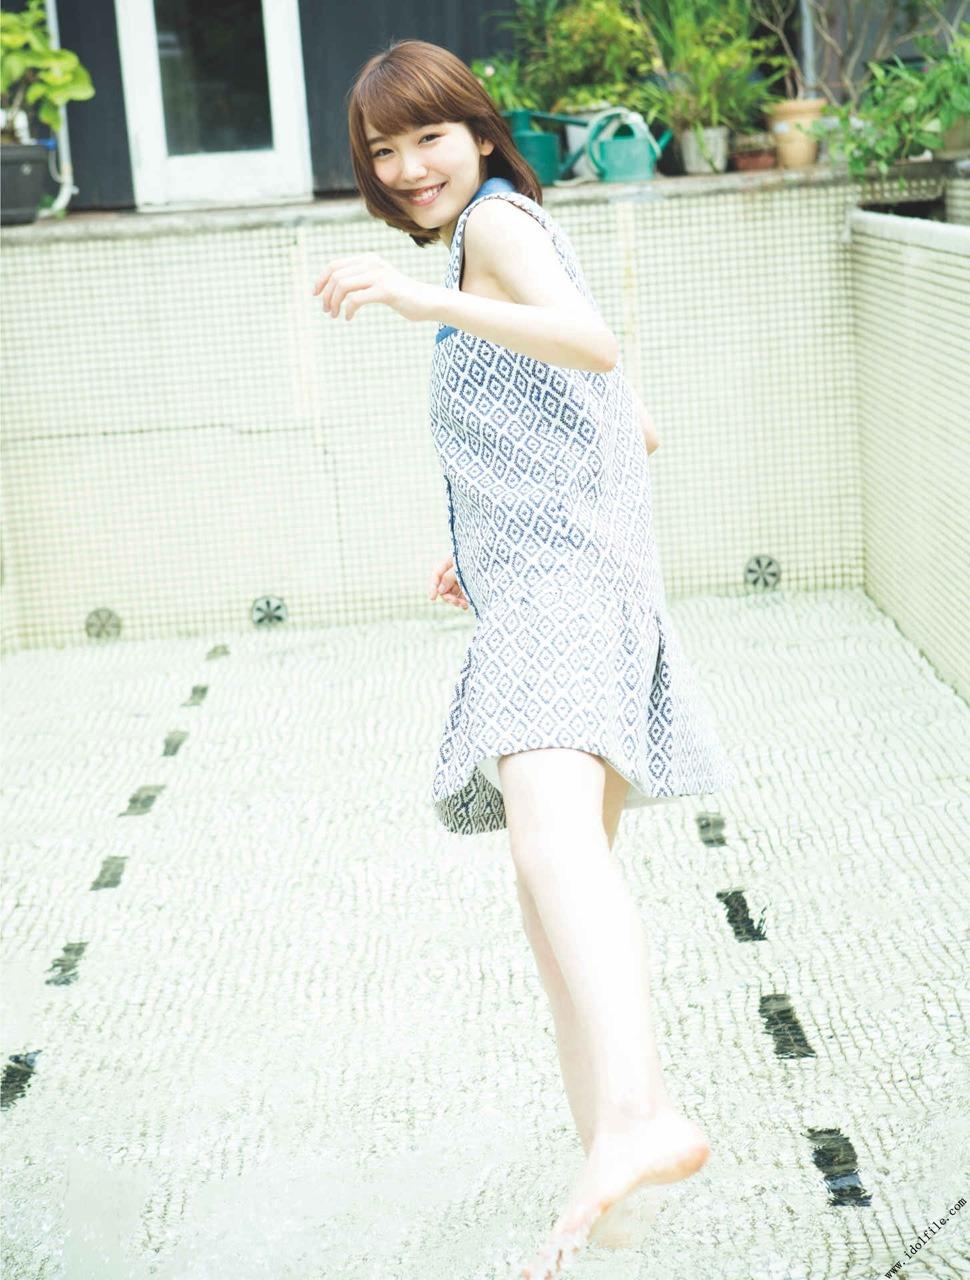 飯豊まりえ(19)写真集の水着・下着姿のエロ画像60枚・58枚目の画像